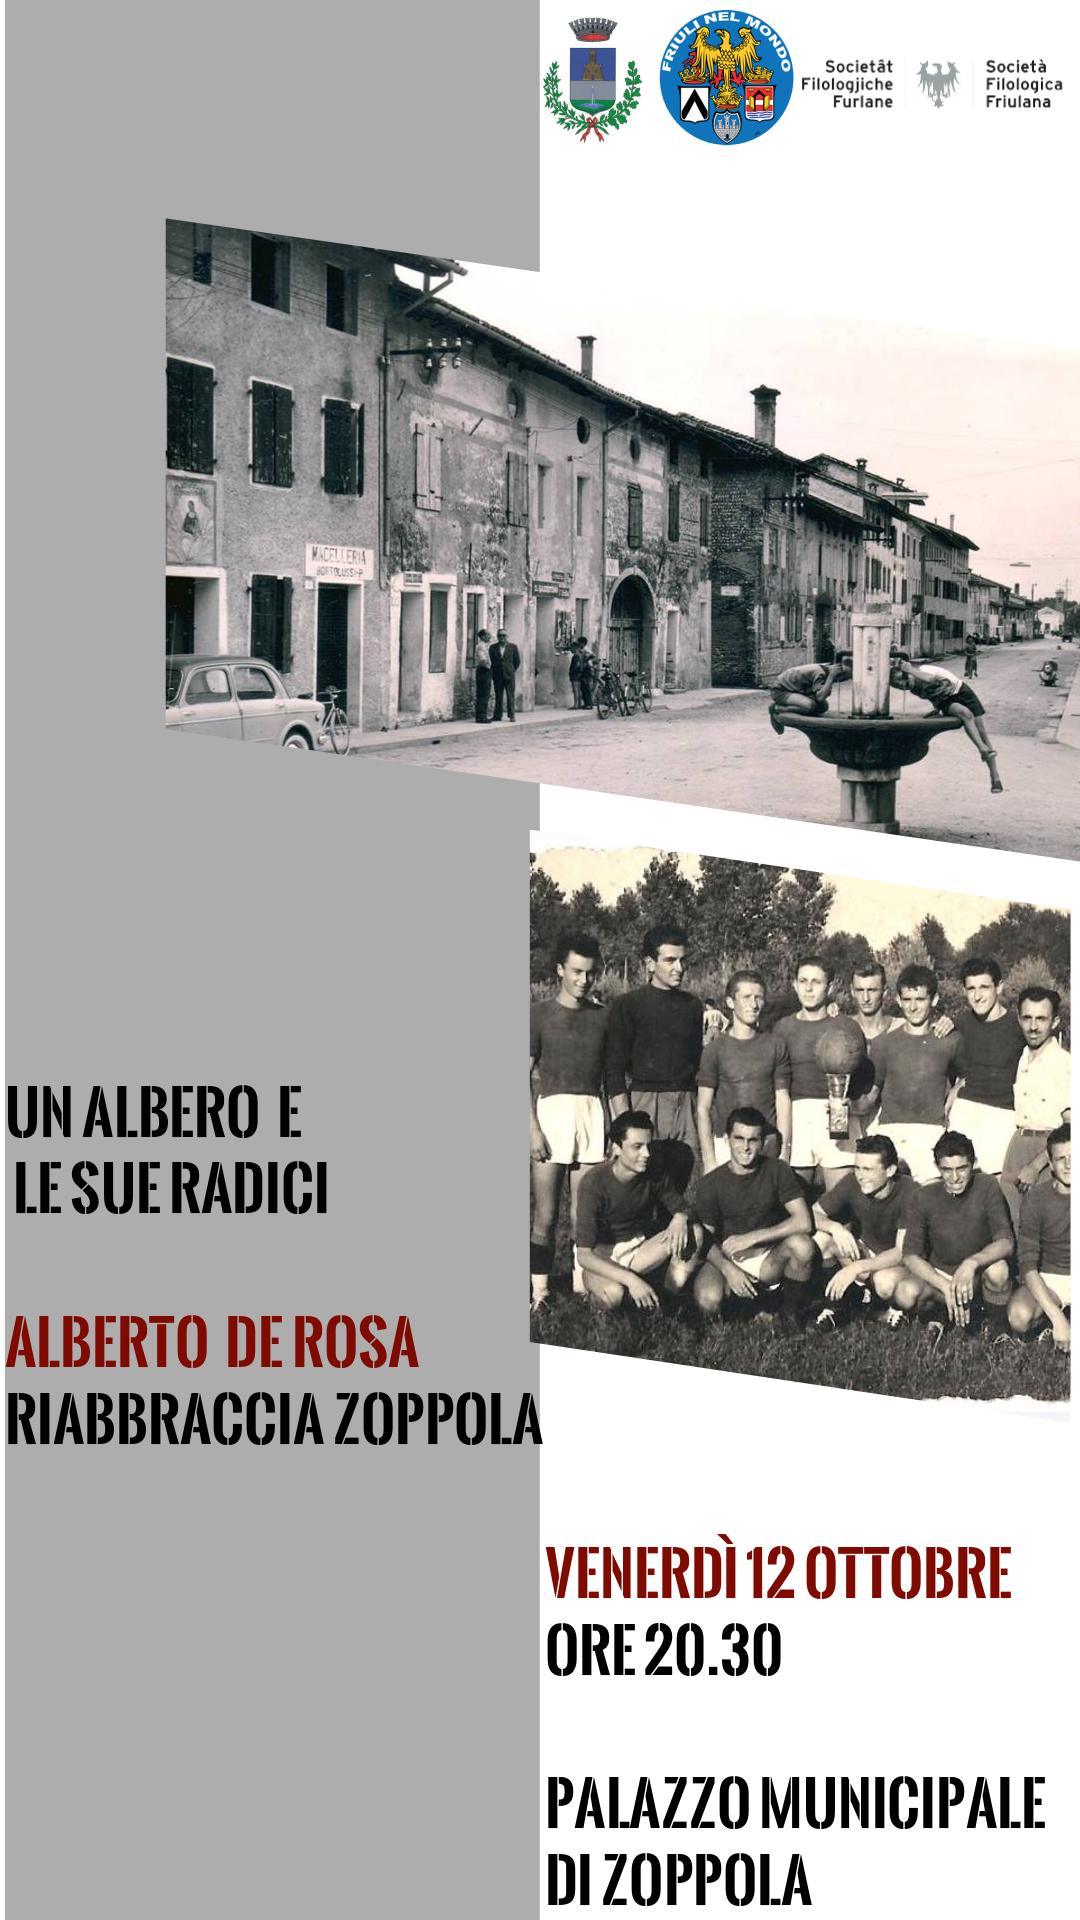 Un albero e le sue radici. Alberto De Rosa riabbraccia Zoppola (venerdì 12 ottobre, ore 20.30, Palazzo Municipale di Zoppola, via A. Romanò 14)